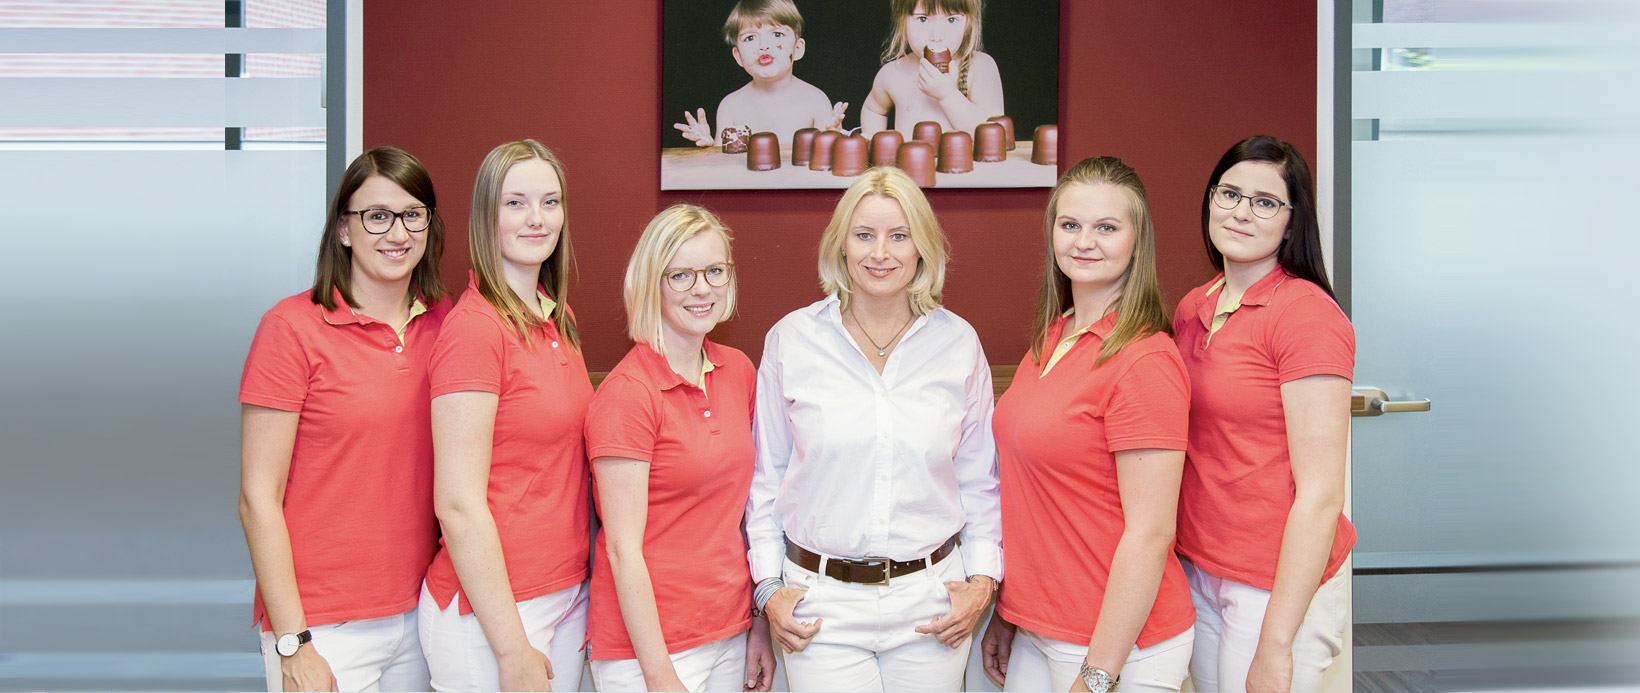 Kinderaerztin Dr. med Martina Klauck und ihr Praxisteam